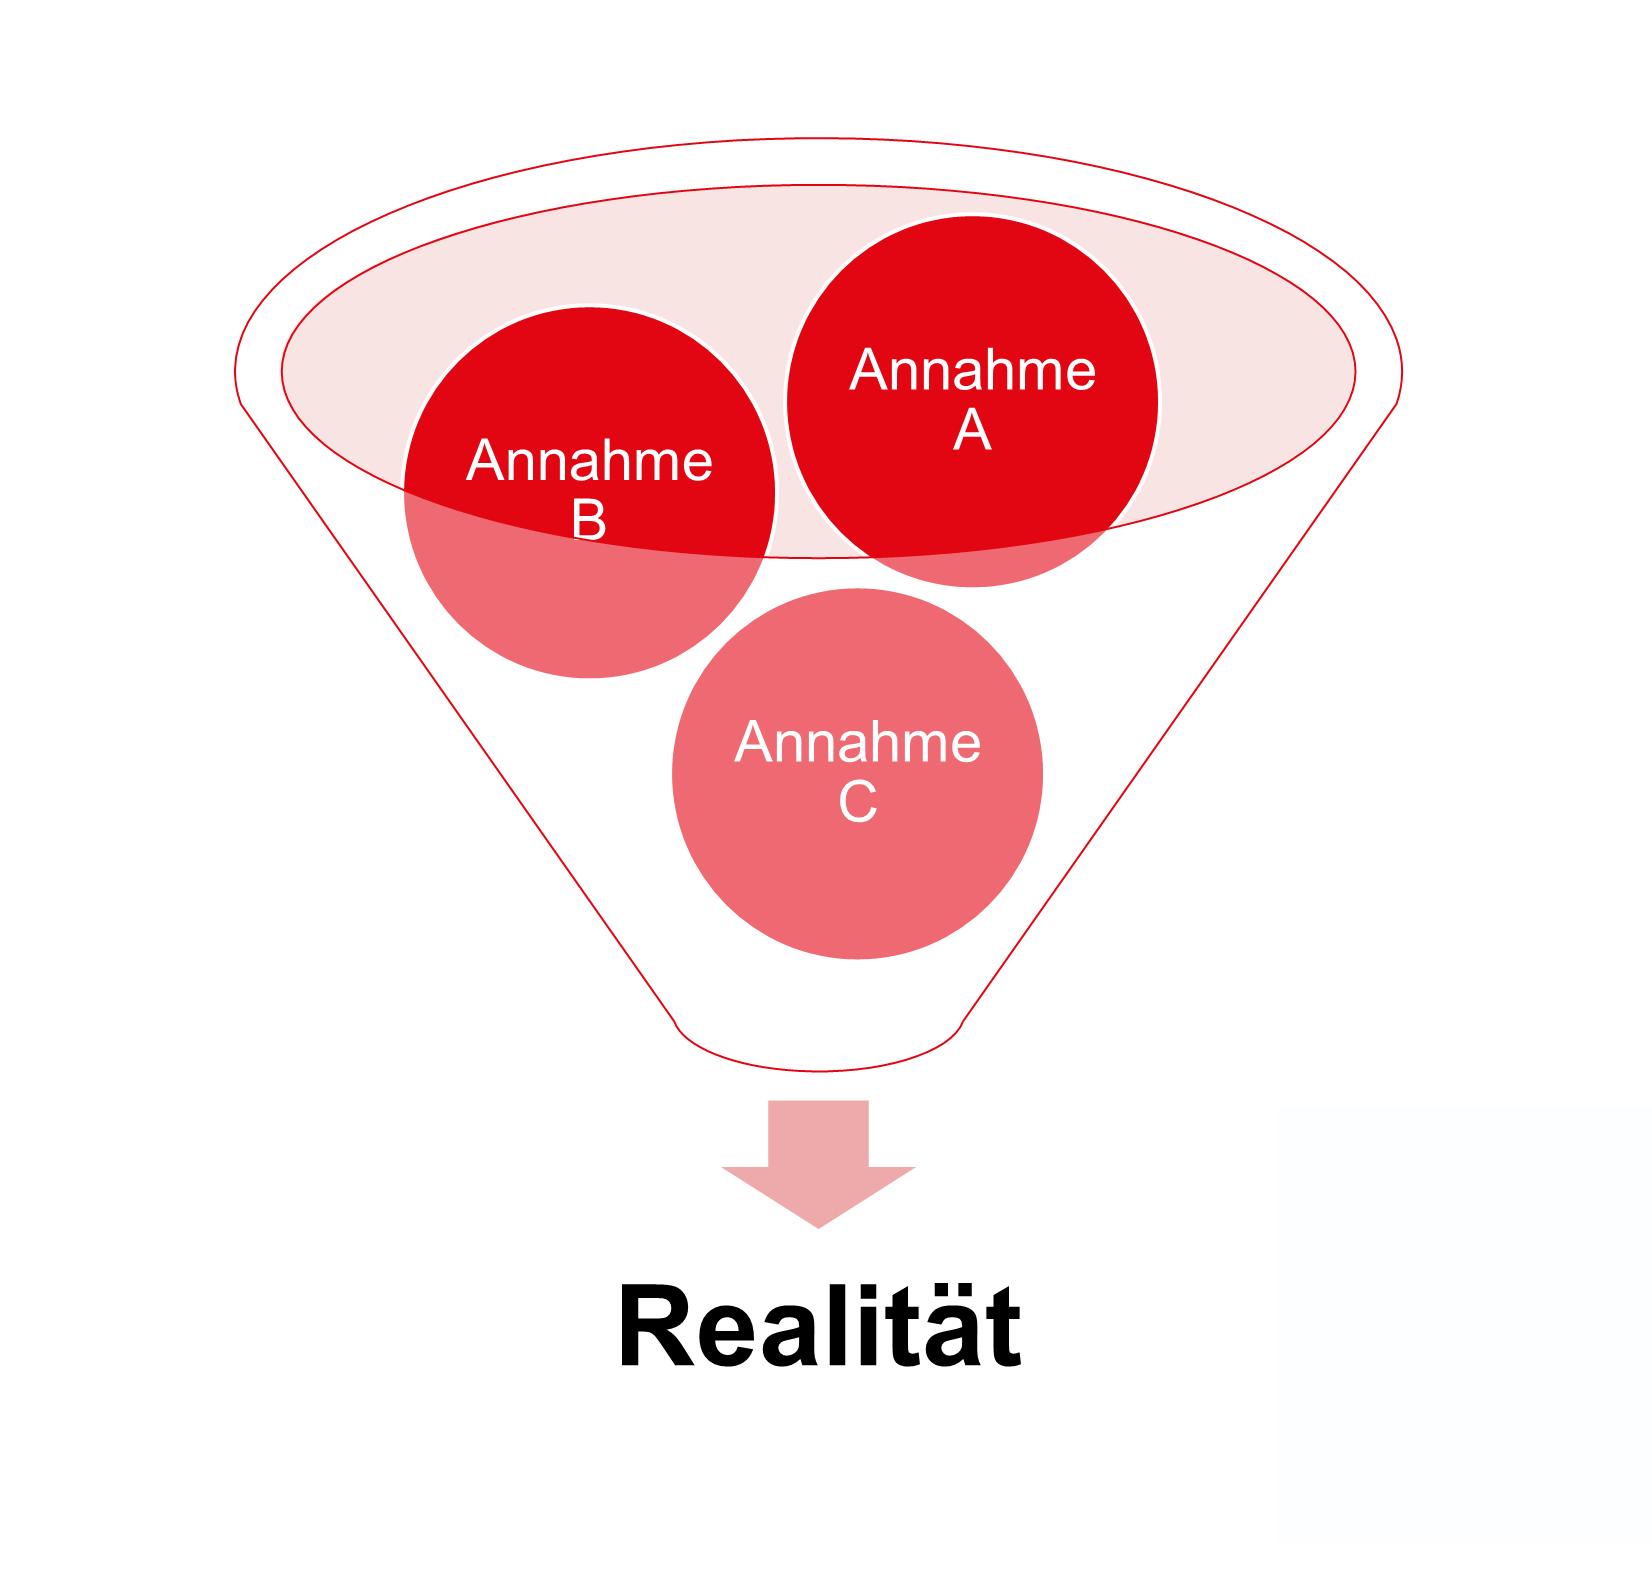 Annahme und Realität bei Geschäftsmodellen